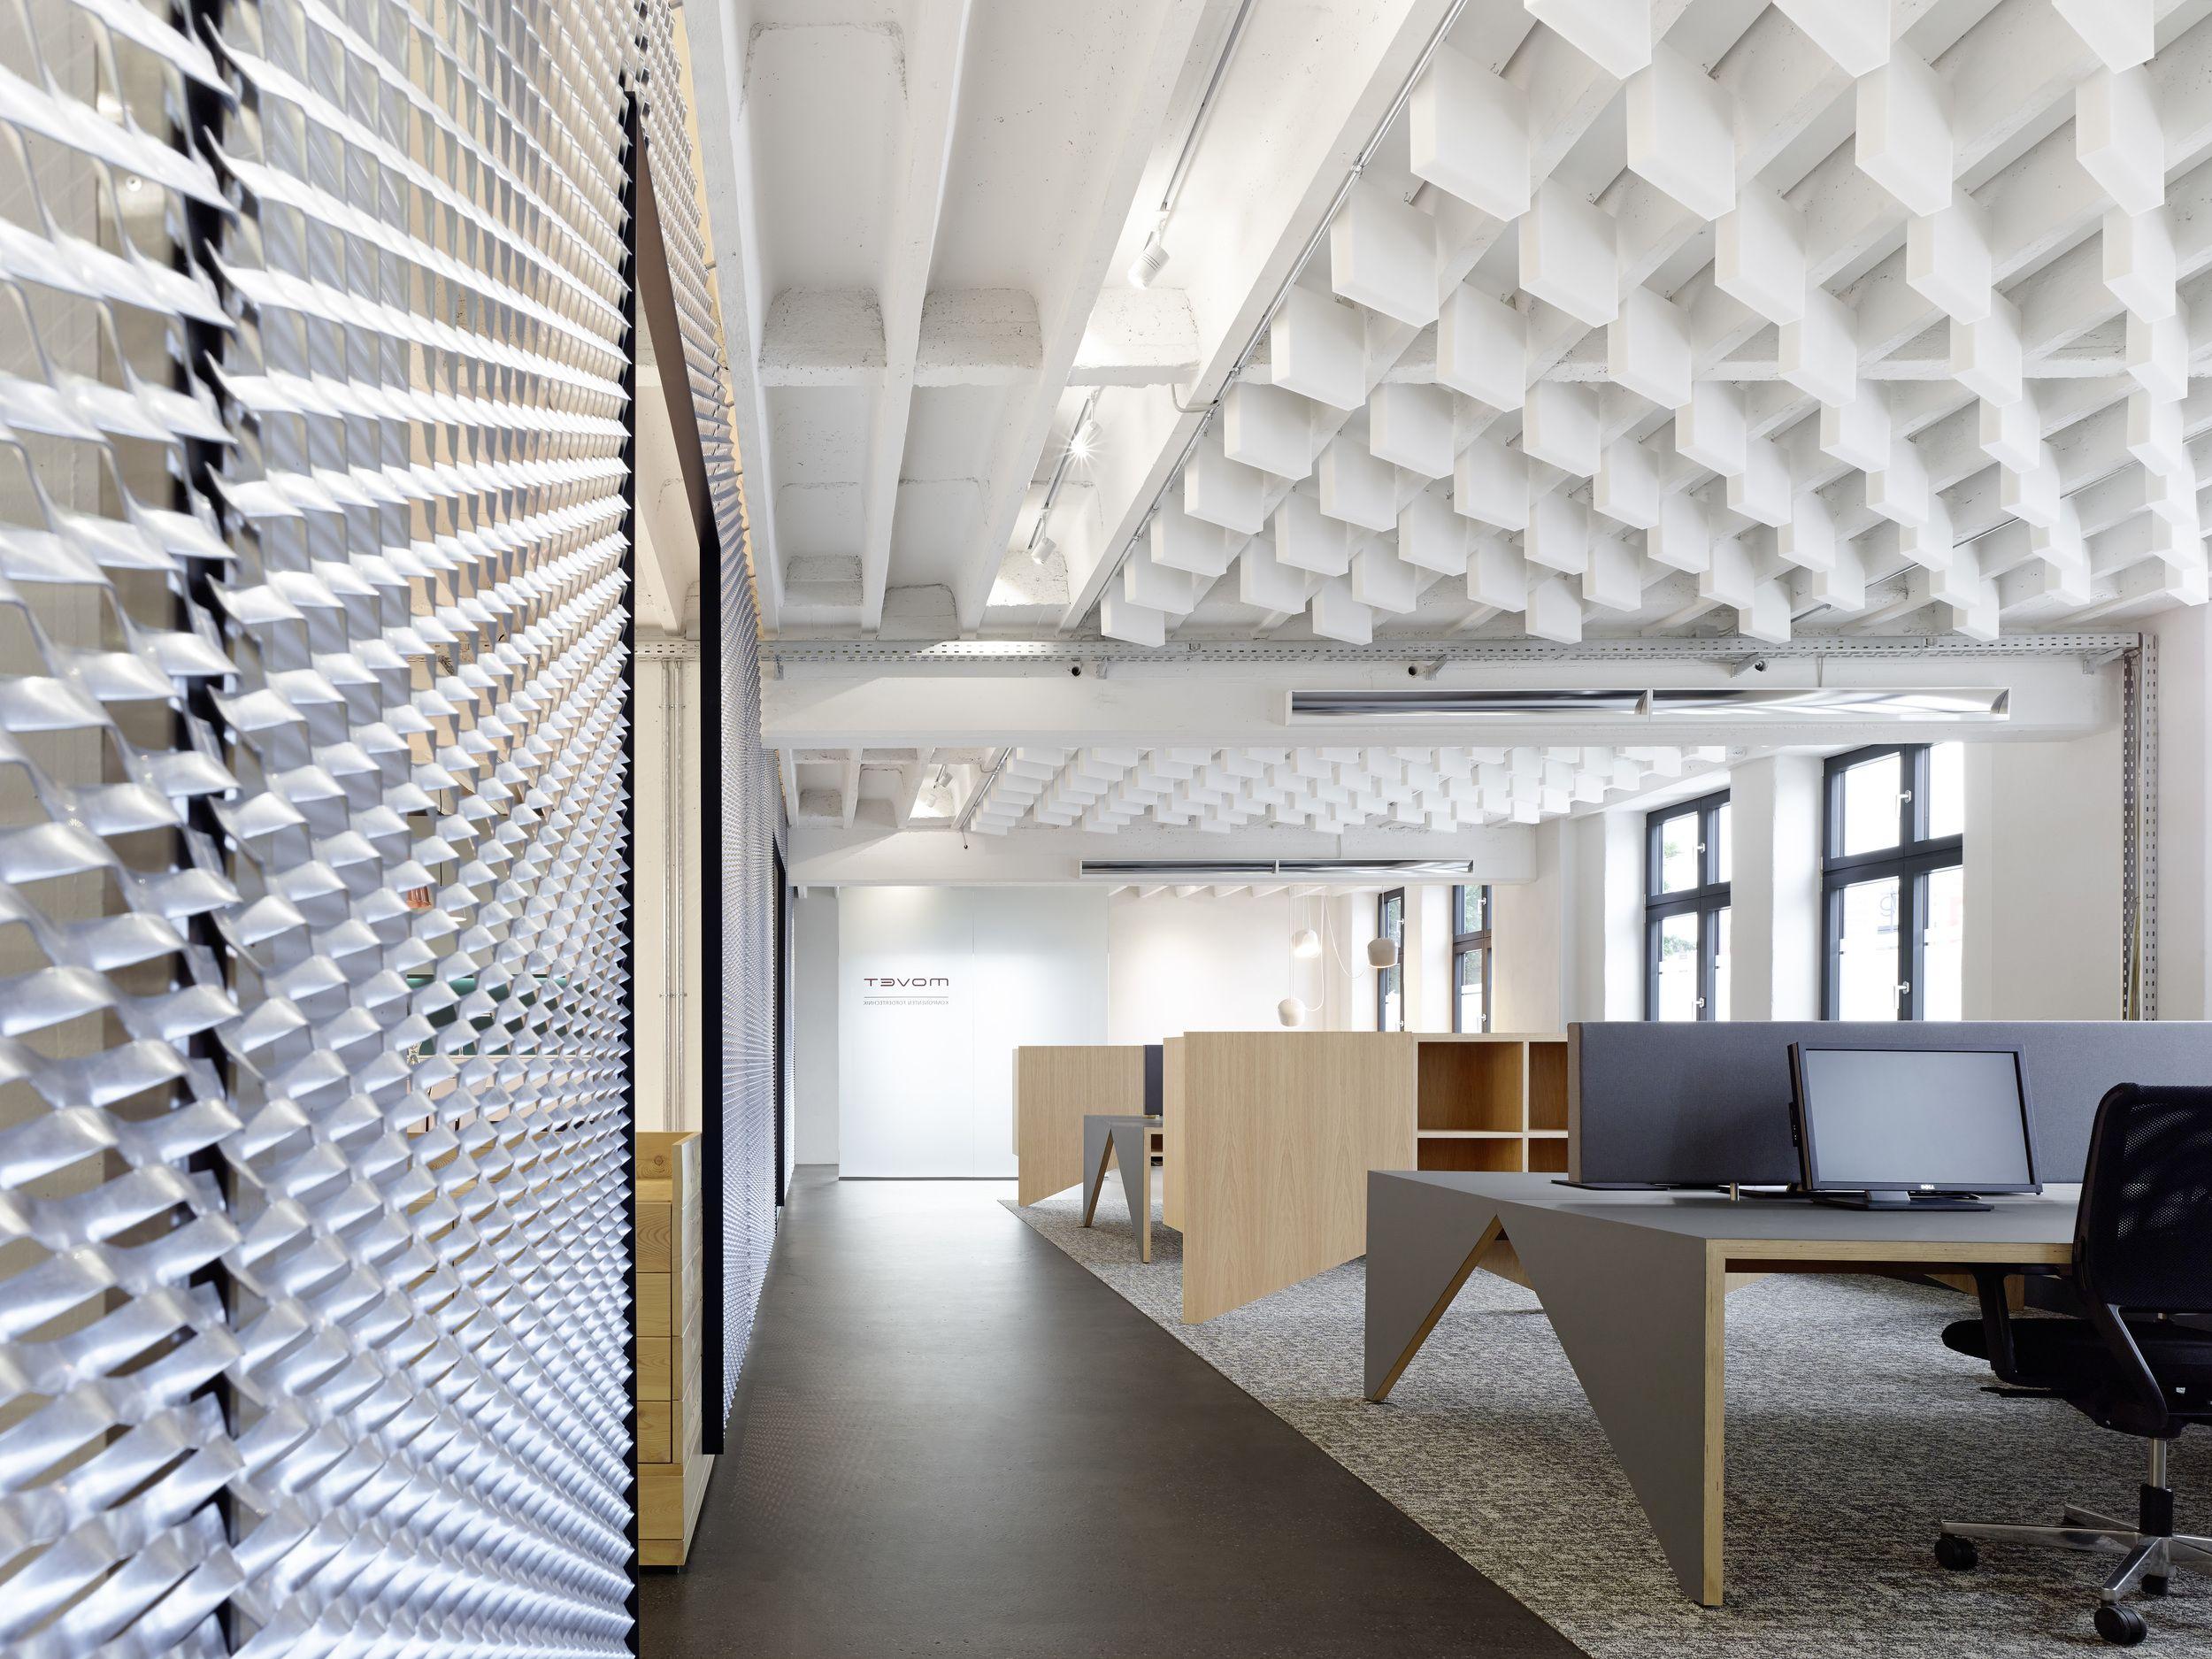 Büro Innenarchitektur innenarchitektur stuttgart büro office movet office loft